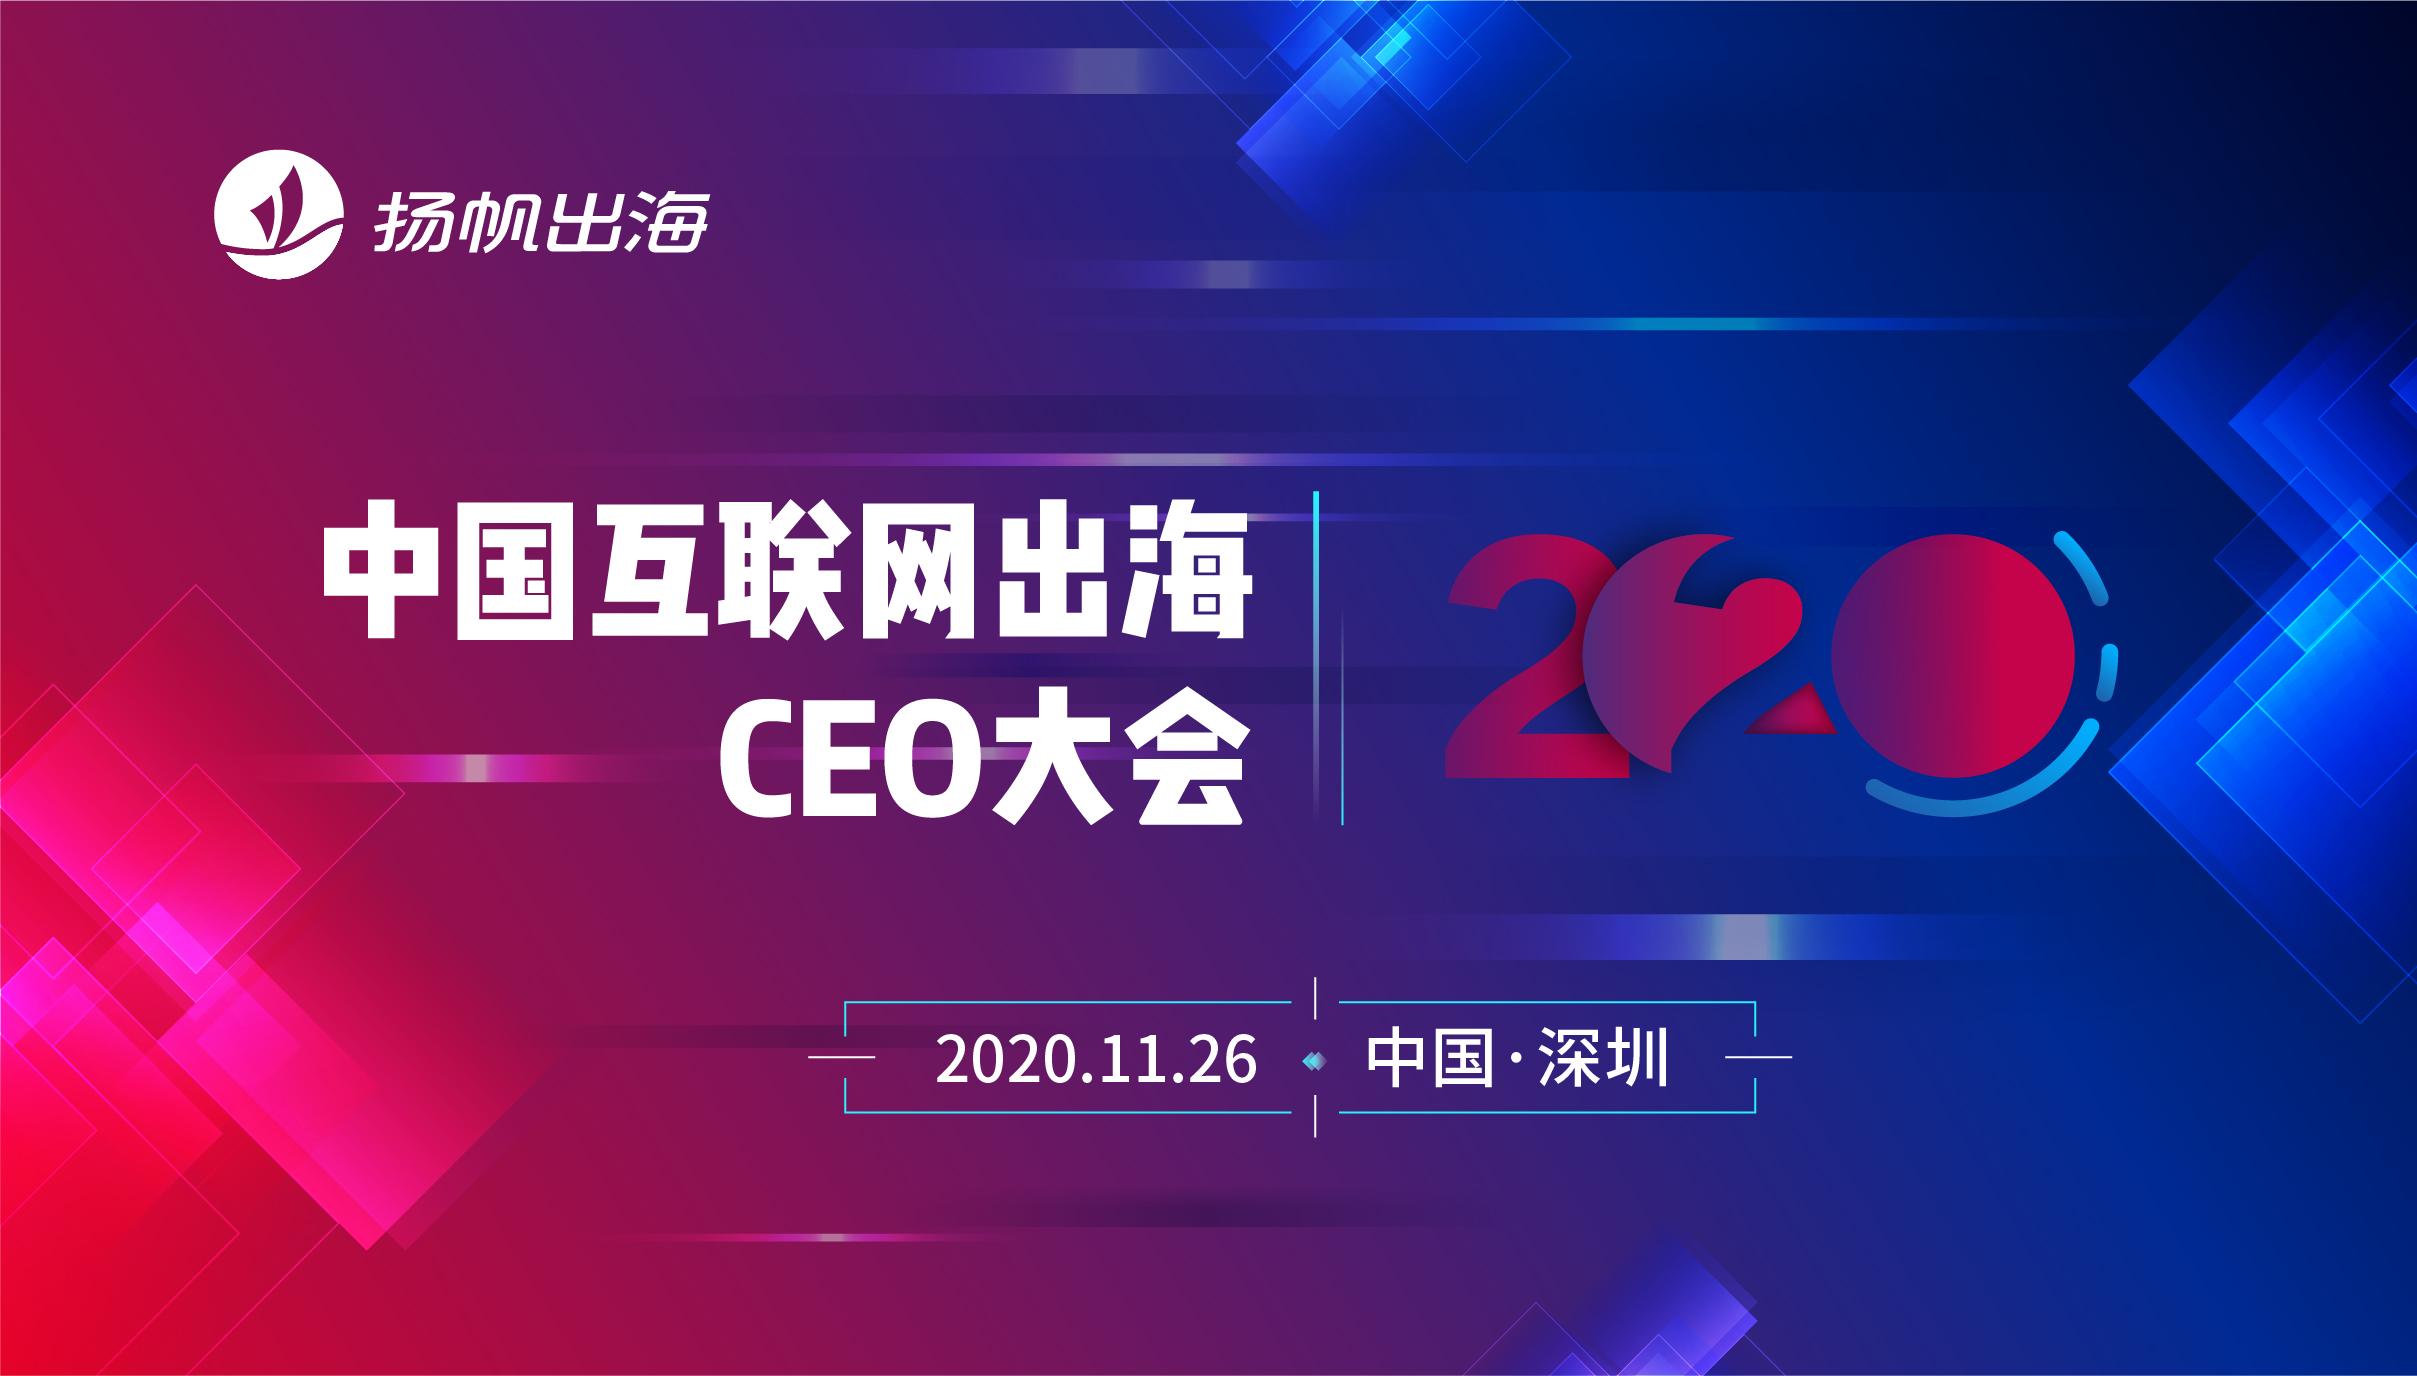 活动推荐丨中国互联网出海CEO大会,猎豹移动受邀参加!